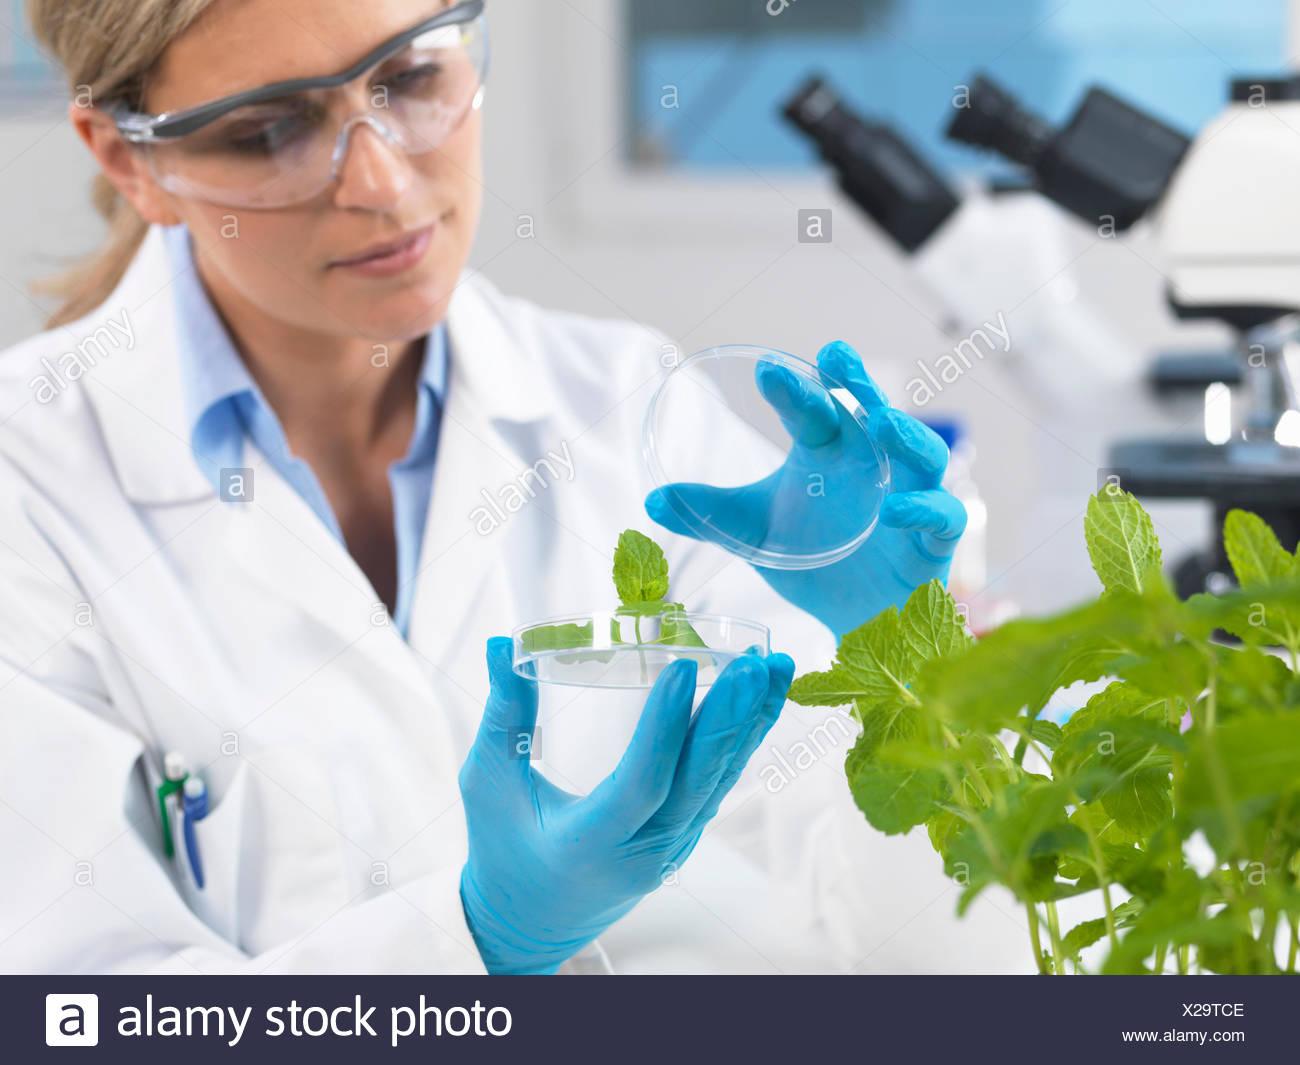 Desarrollo de visualización científica de plantas experimentales en laboratorio de investigación Imagen De Stock